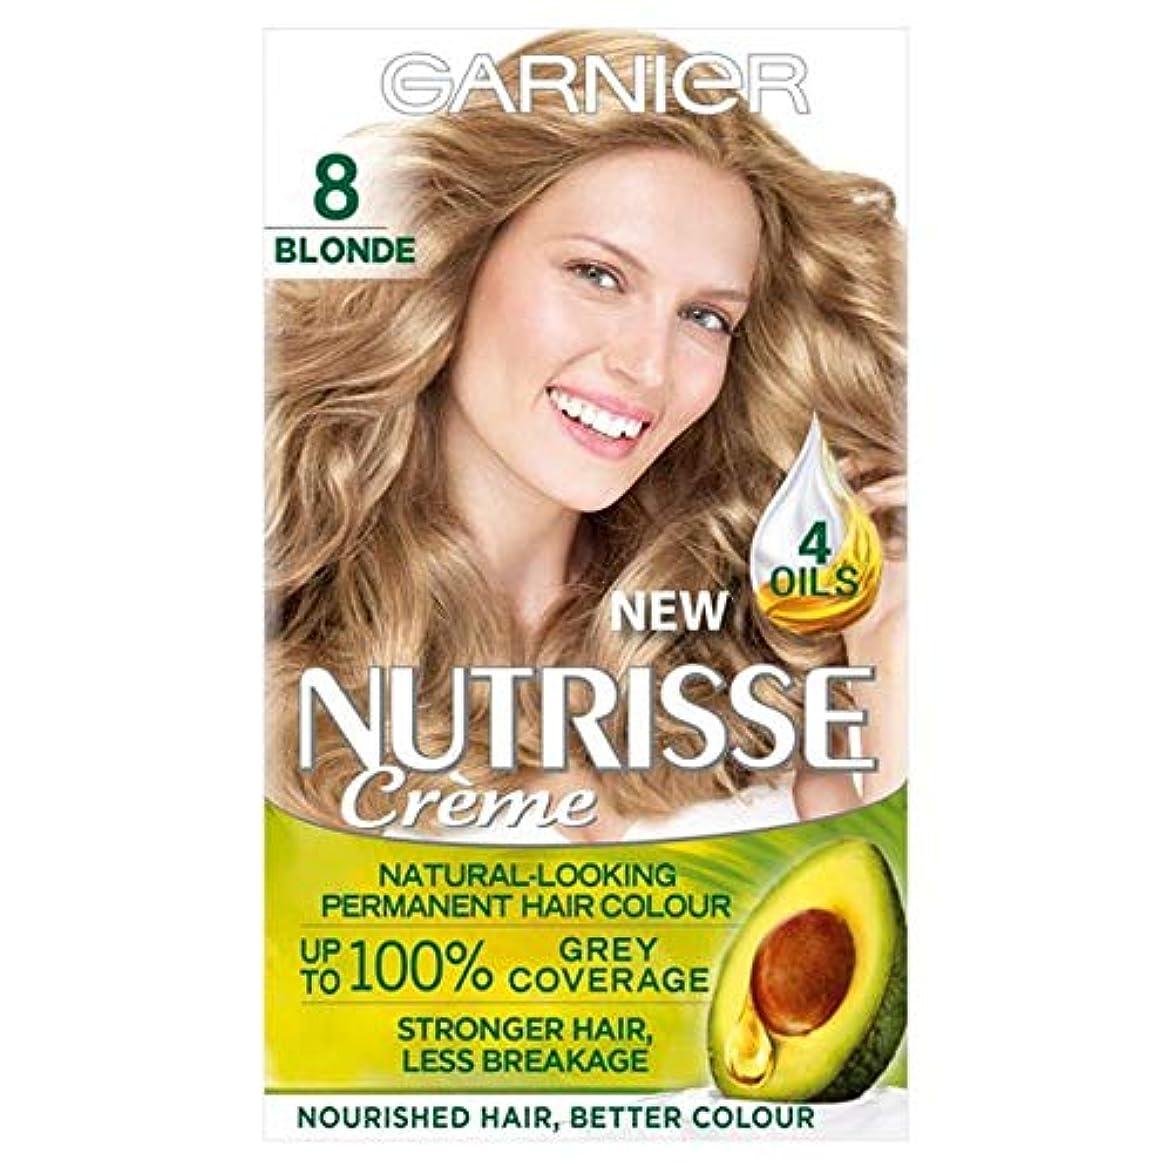 腫瘍気取らないセンチメンタル[Nutrisse] 8ブロンドの永久染毛剤Nutrisseガルニエ - Garnier Nutrisse 8 Blonde Permanent Hair Dye [並行輸入品]